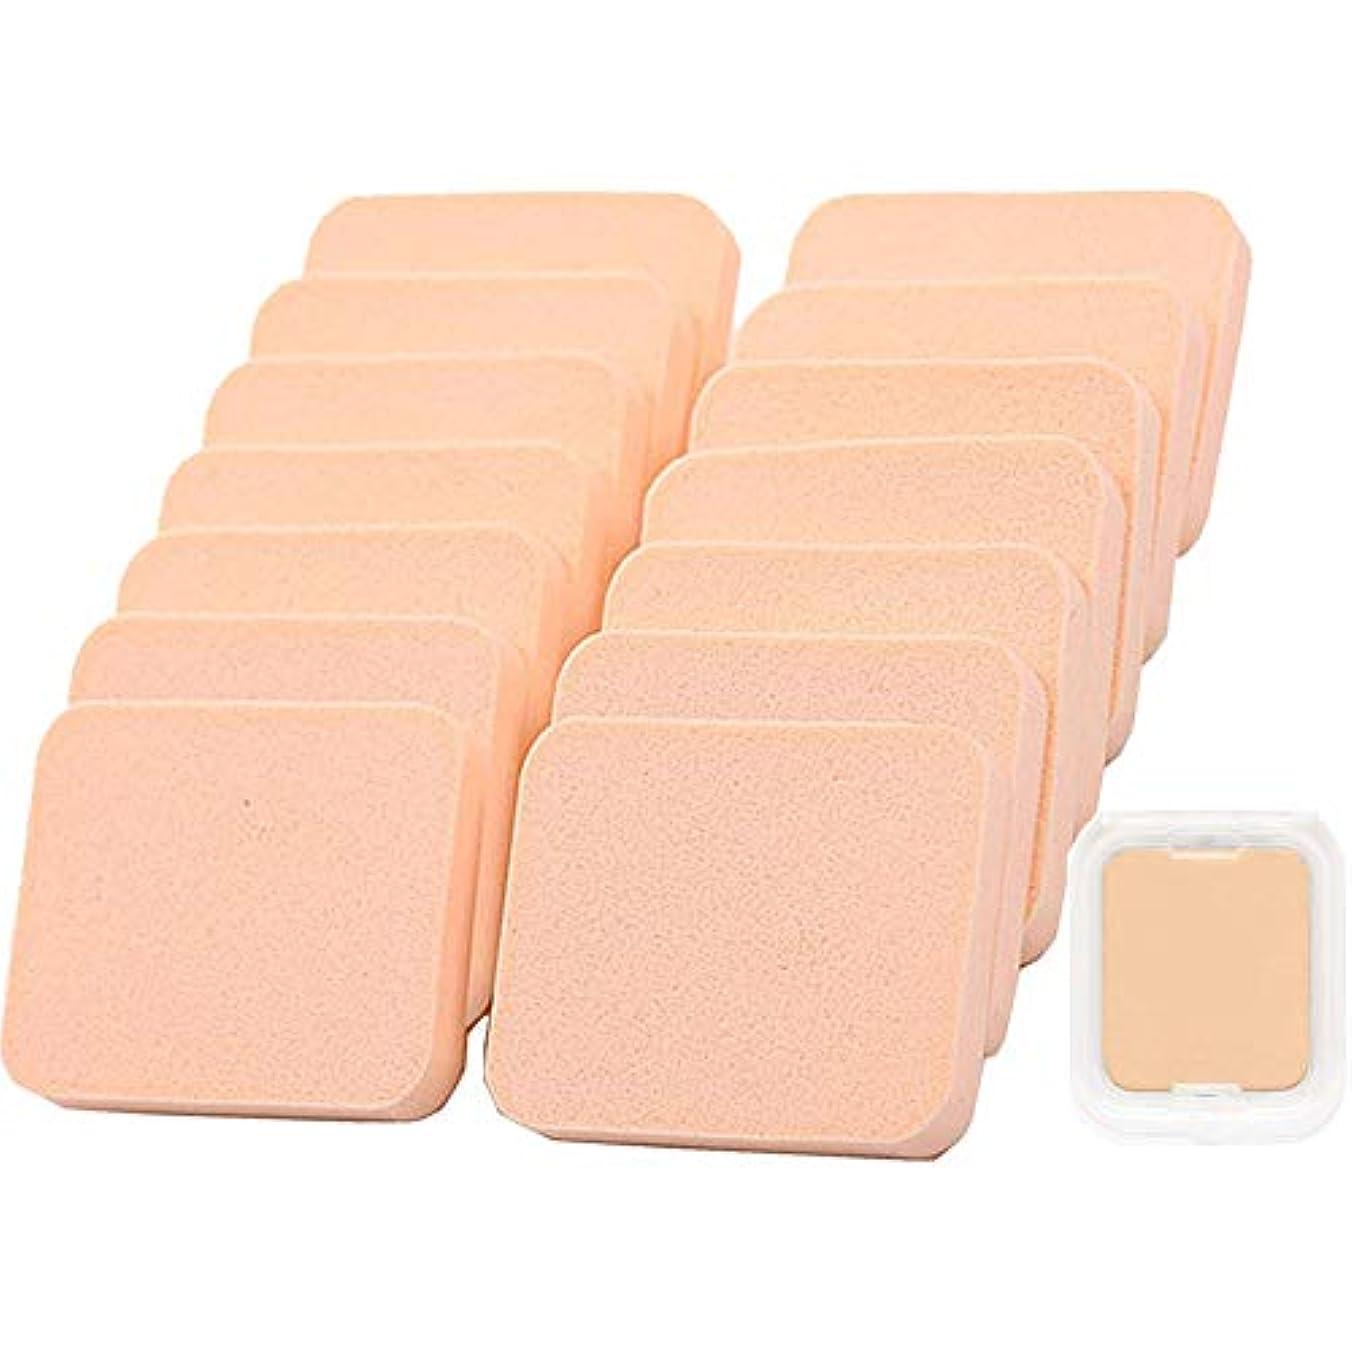 達成電話をかけるタオルエアパフ Butokal エアクッションパフ クリーム アプリケーター 乾湿兼用 スポンジパフセット フェイシャル 15個入 化粧道具